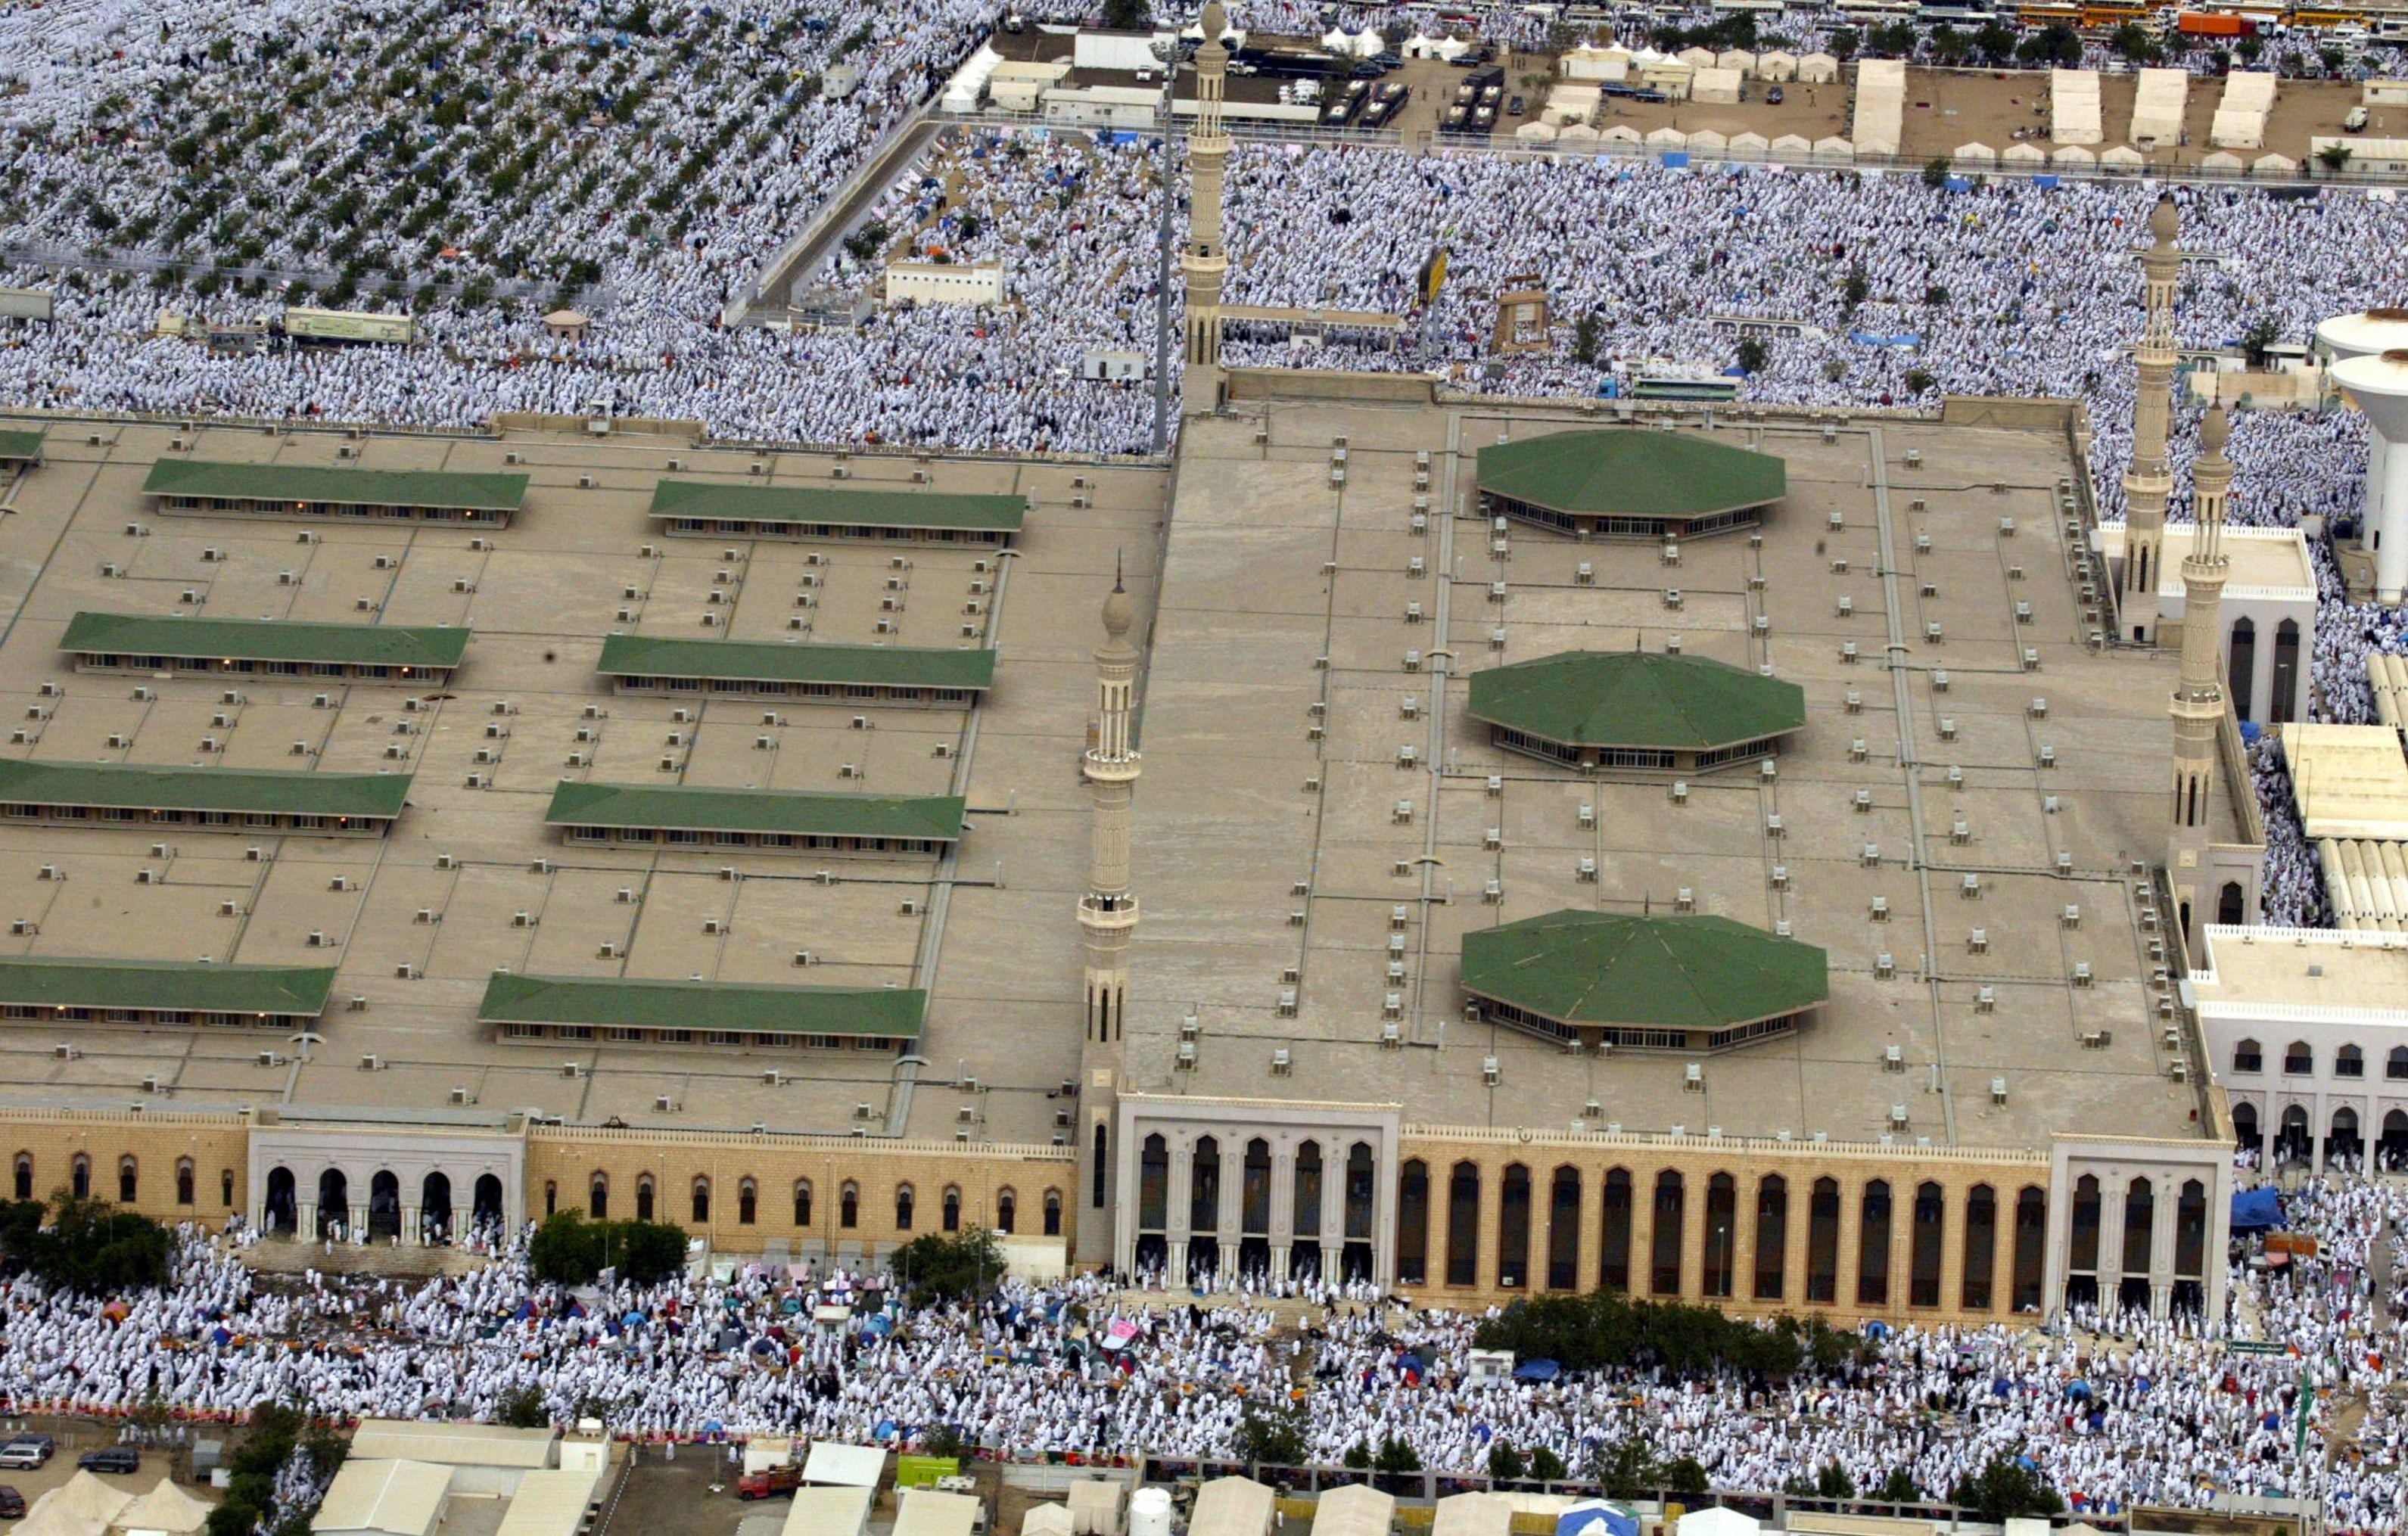 الحجاج يتجمعون حول مسجد نمرة في مكة خلال موسم الحج، المملكة العربية السعودية